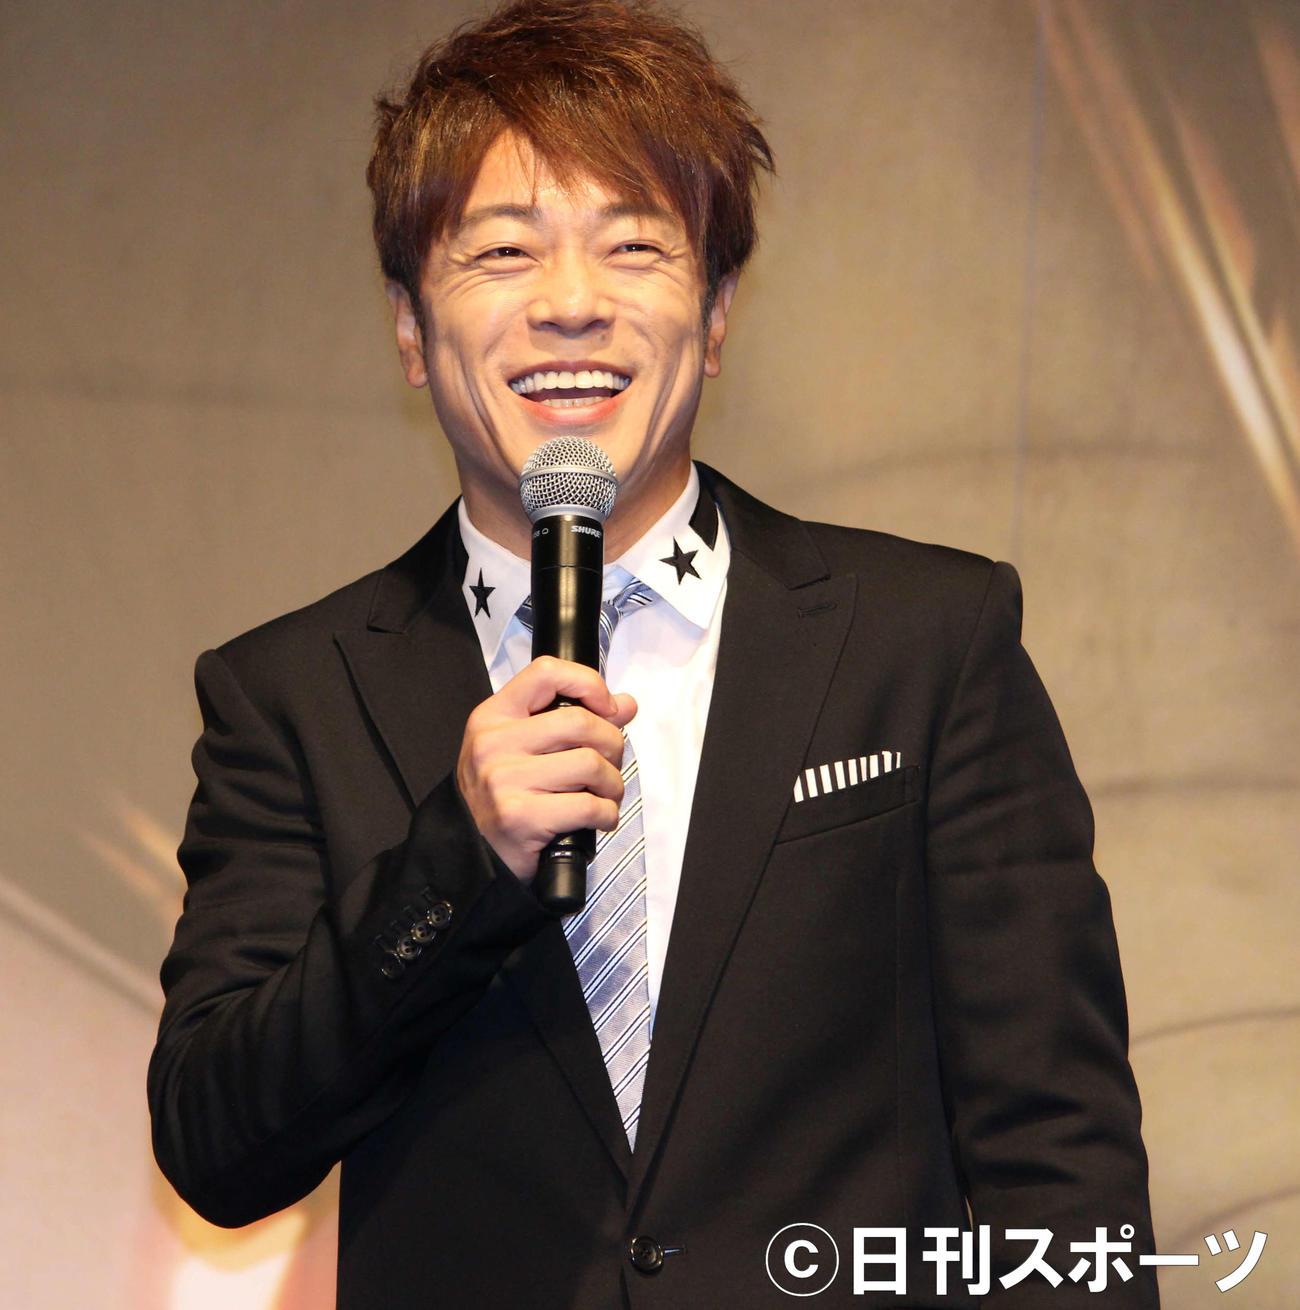 陣内智則(2018年8月29日撮影)